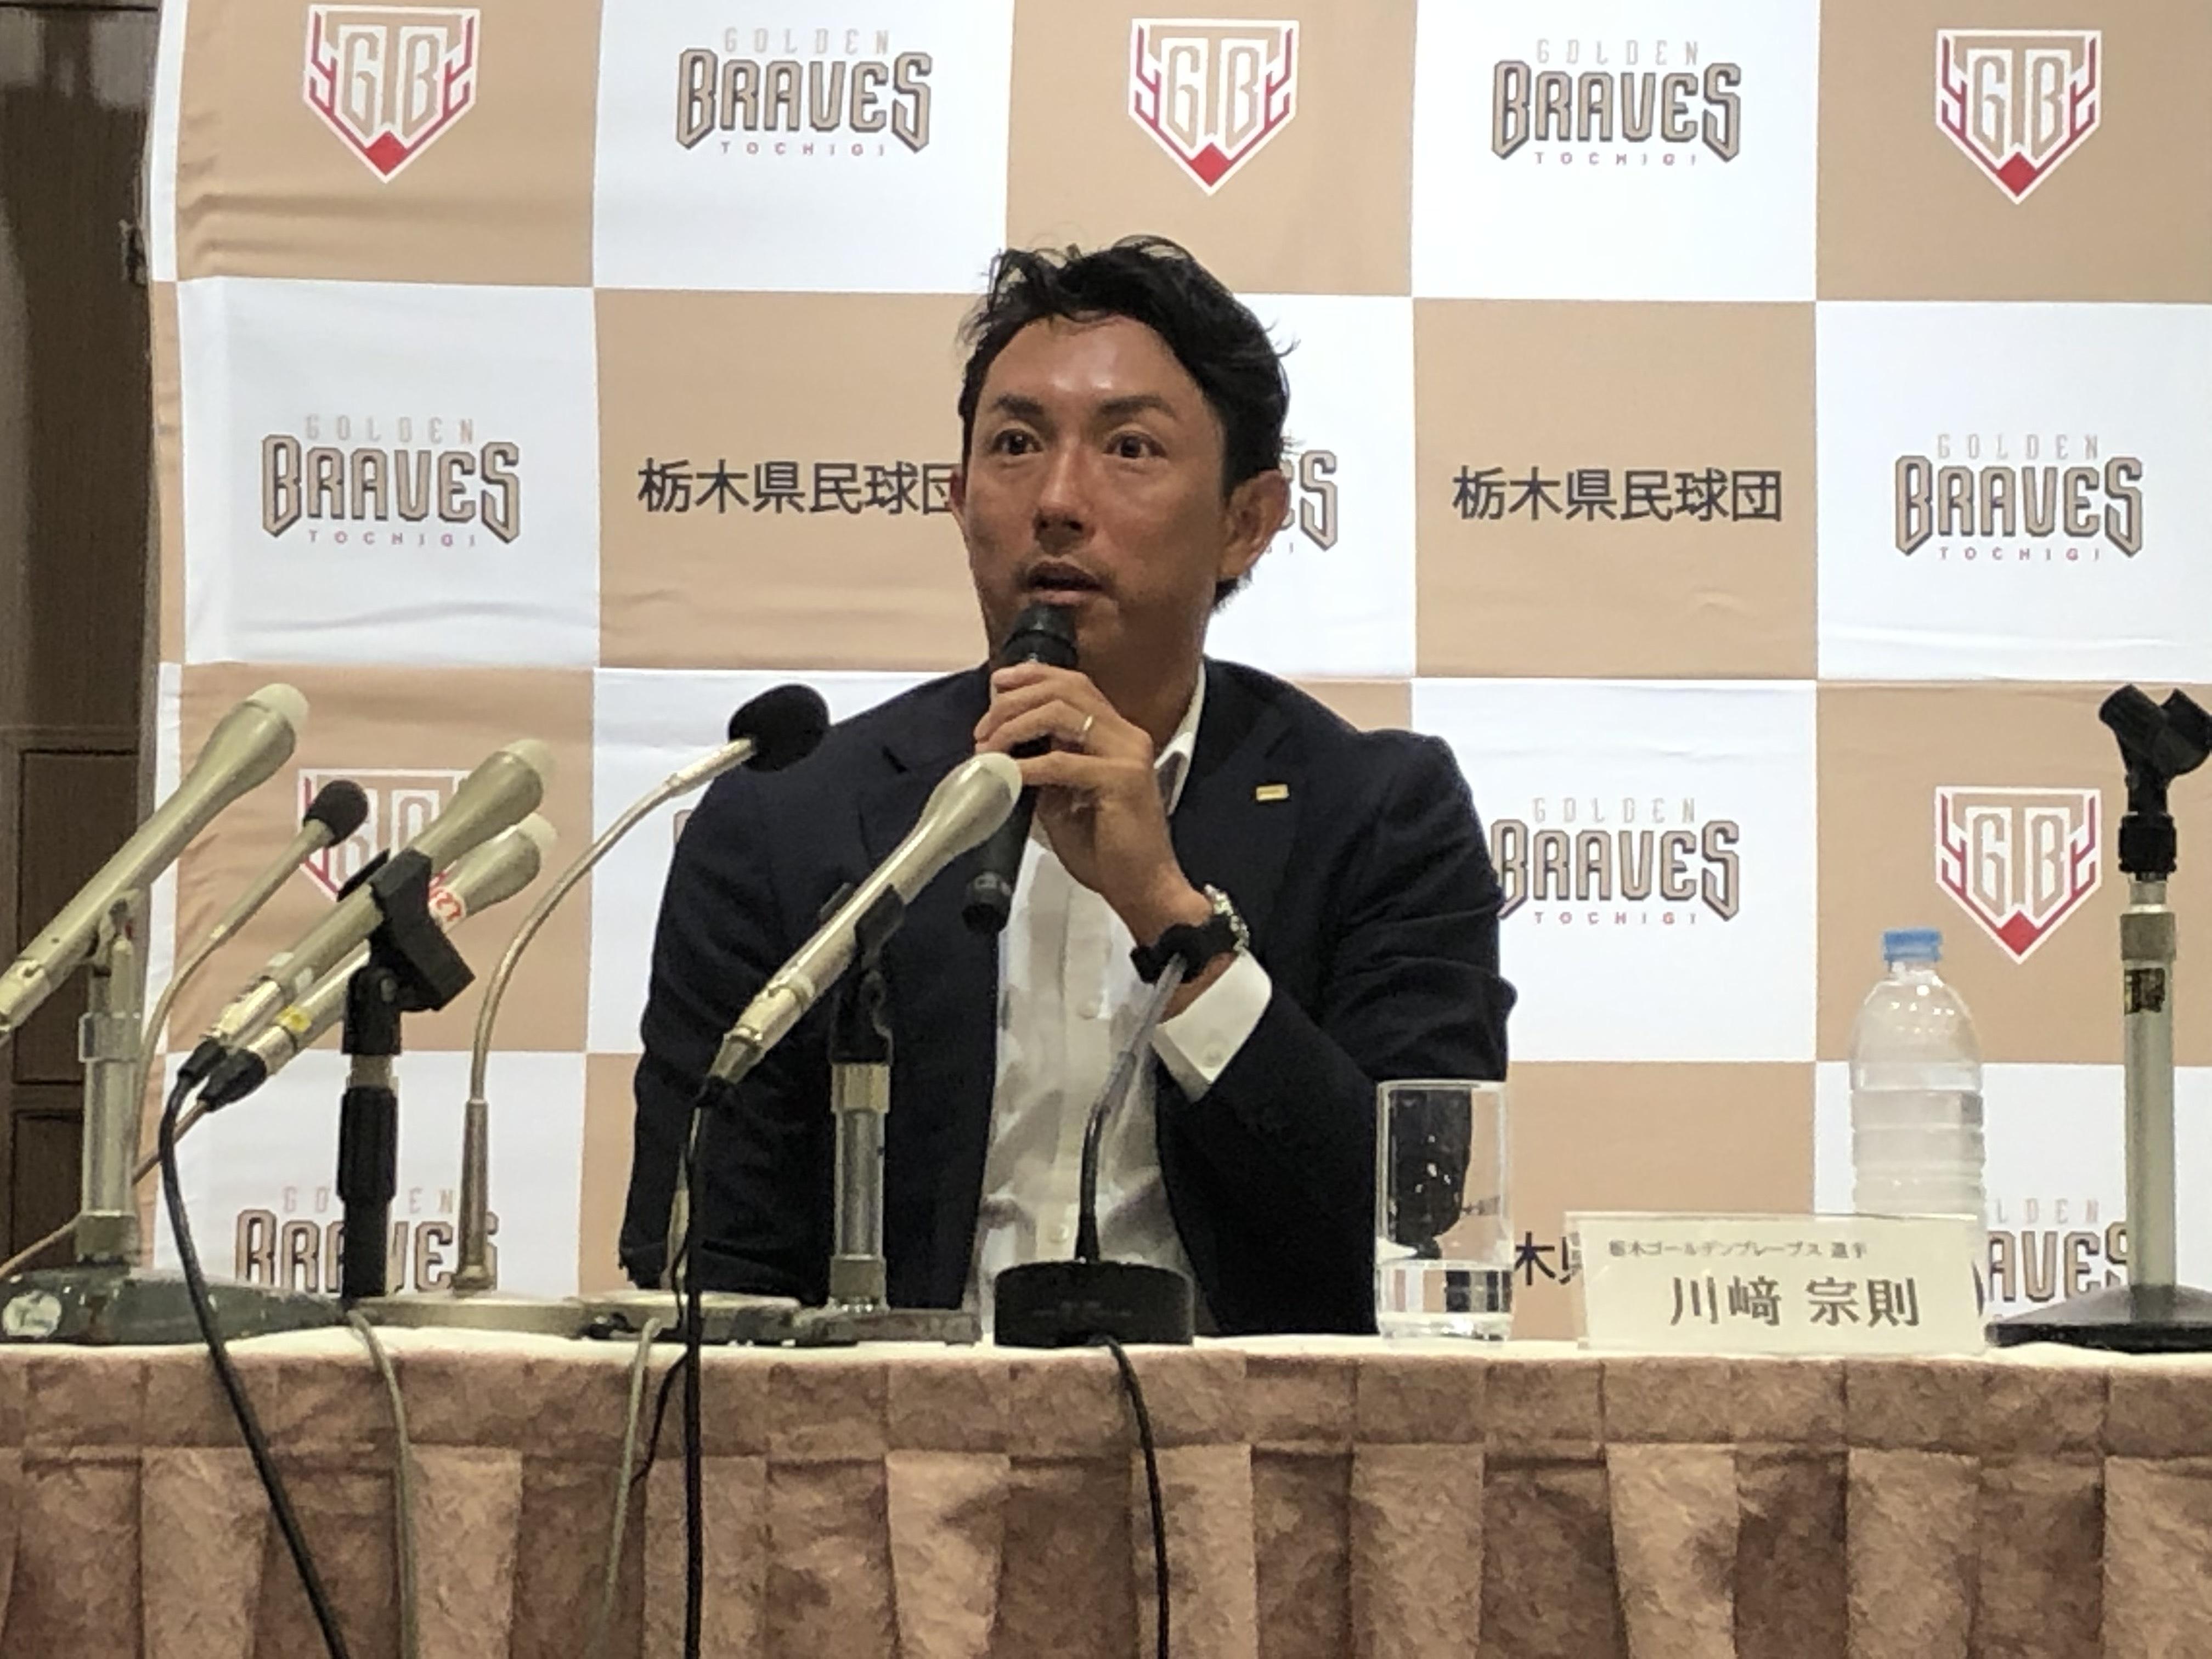 栃木ゴールデンブレーブスに入団の決まった川﨑宗則選手が会見。「餃子が決め手」とムネリン節がさく裂した